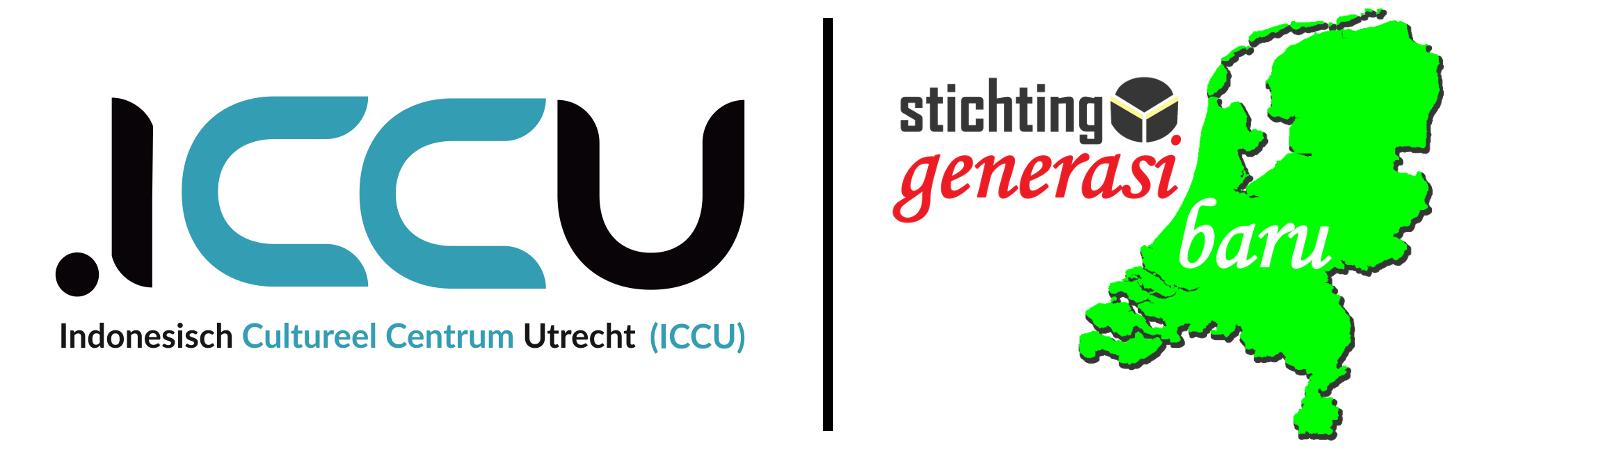 Stichting Generasi Baru Utrecht